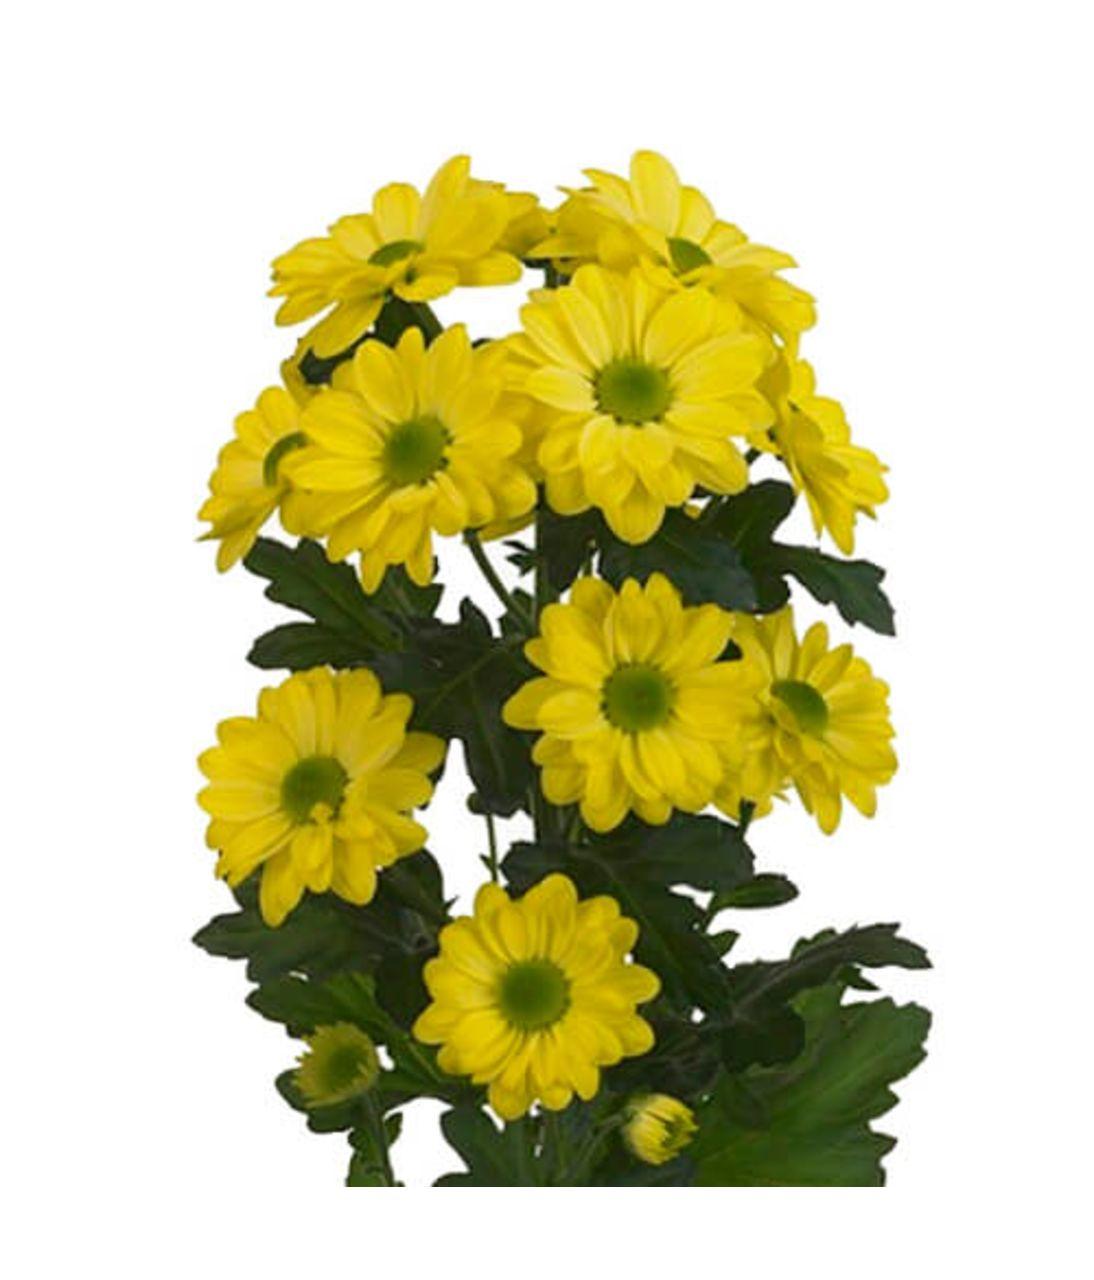 Хризантема жовта (гілка). Superflowers.com.ua